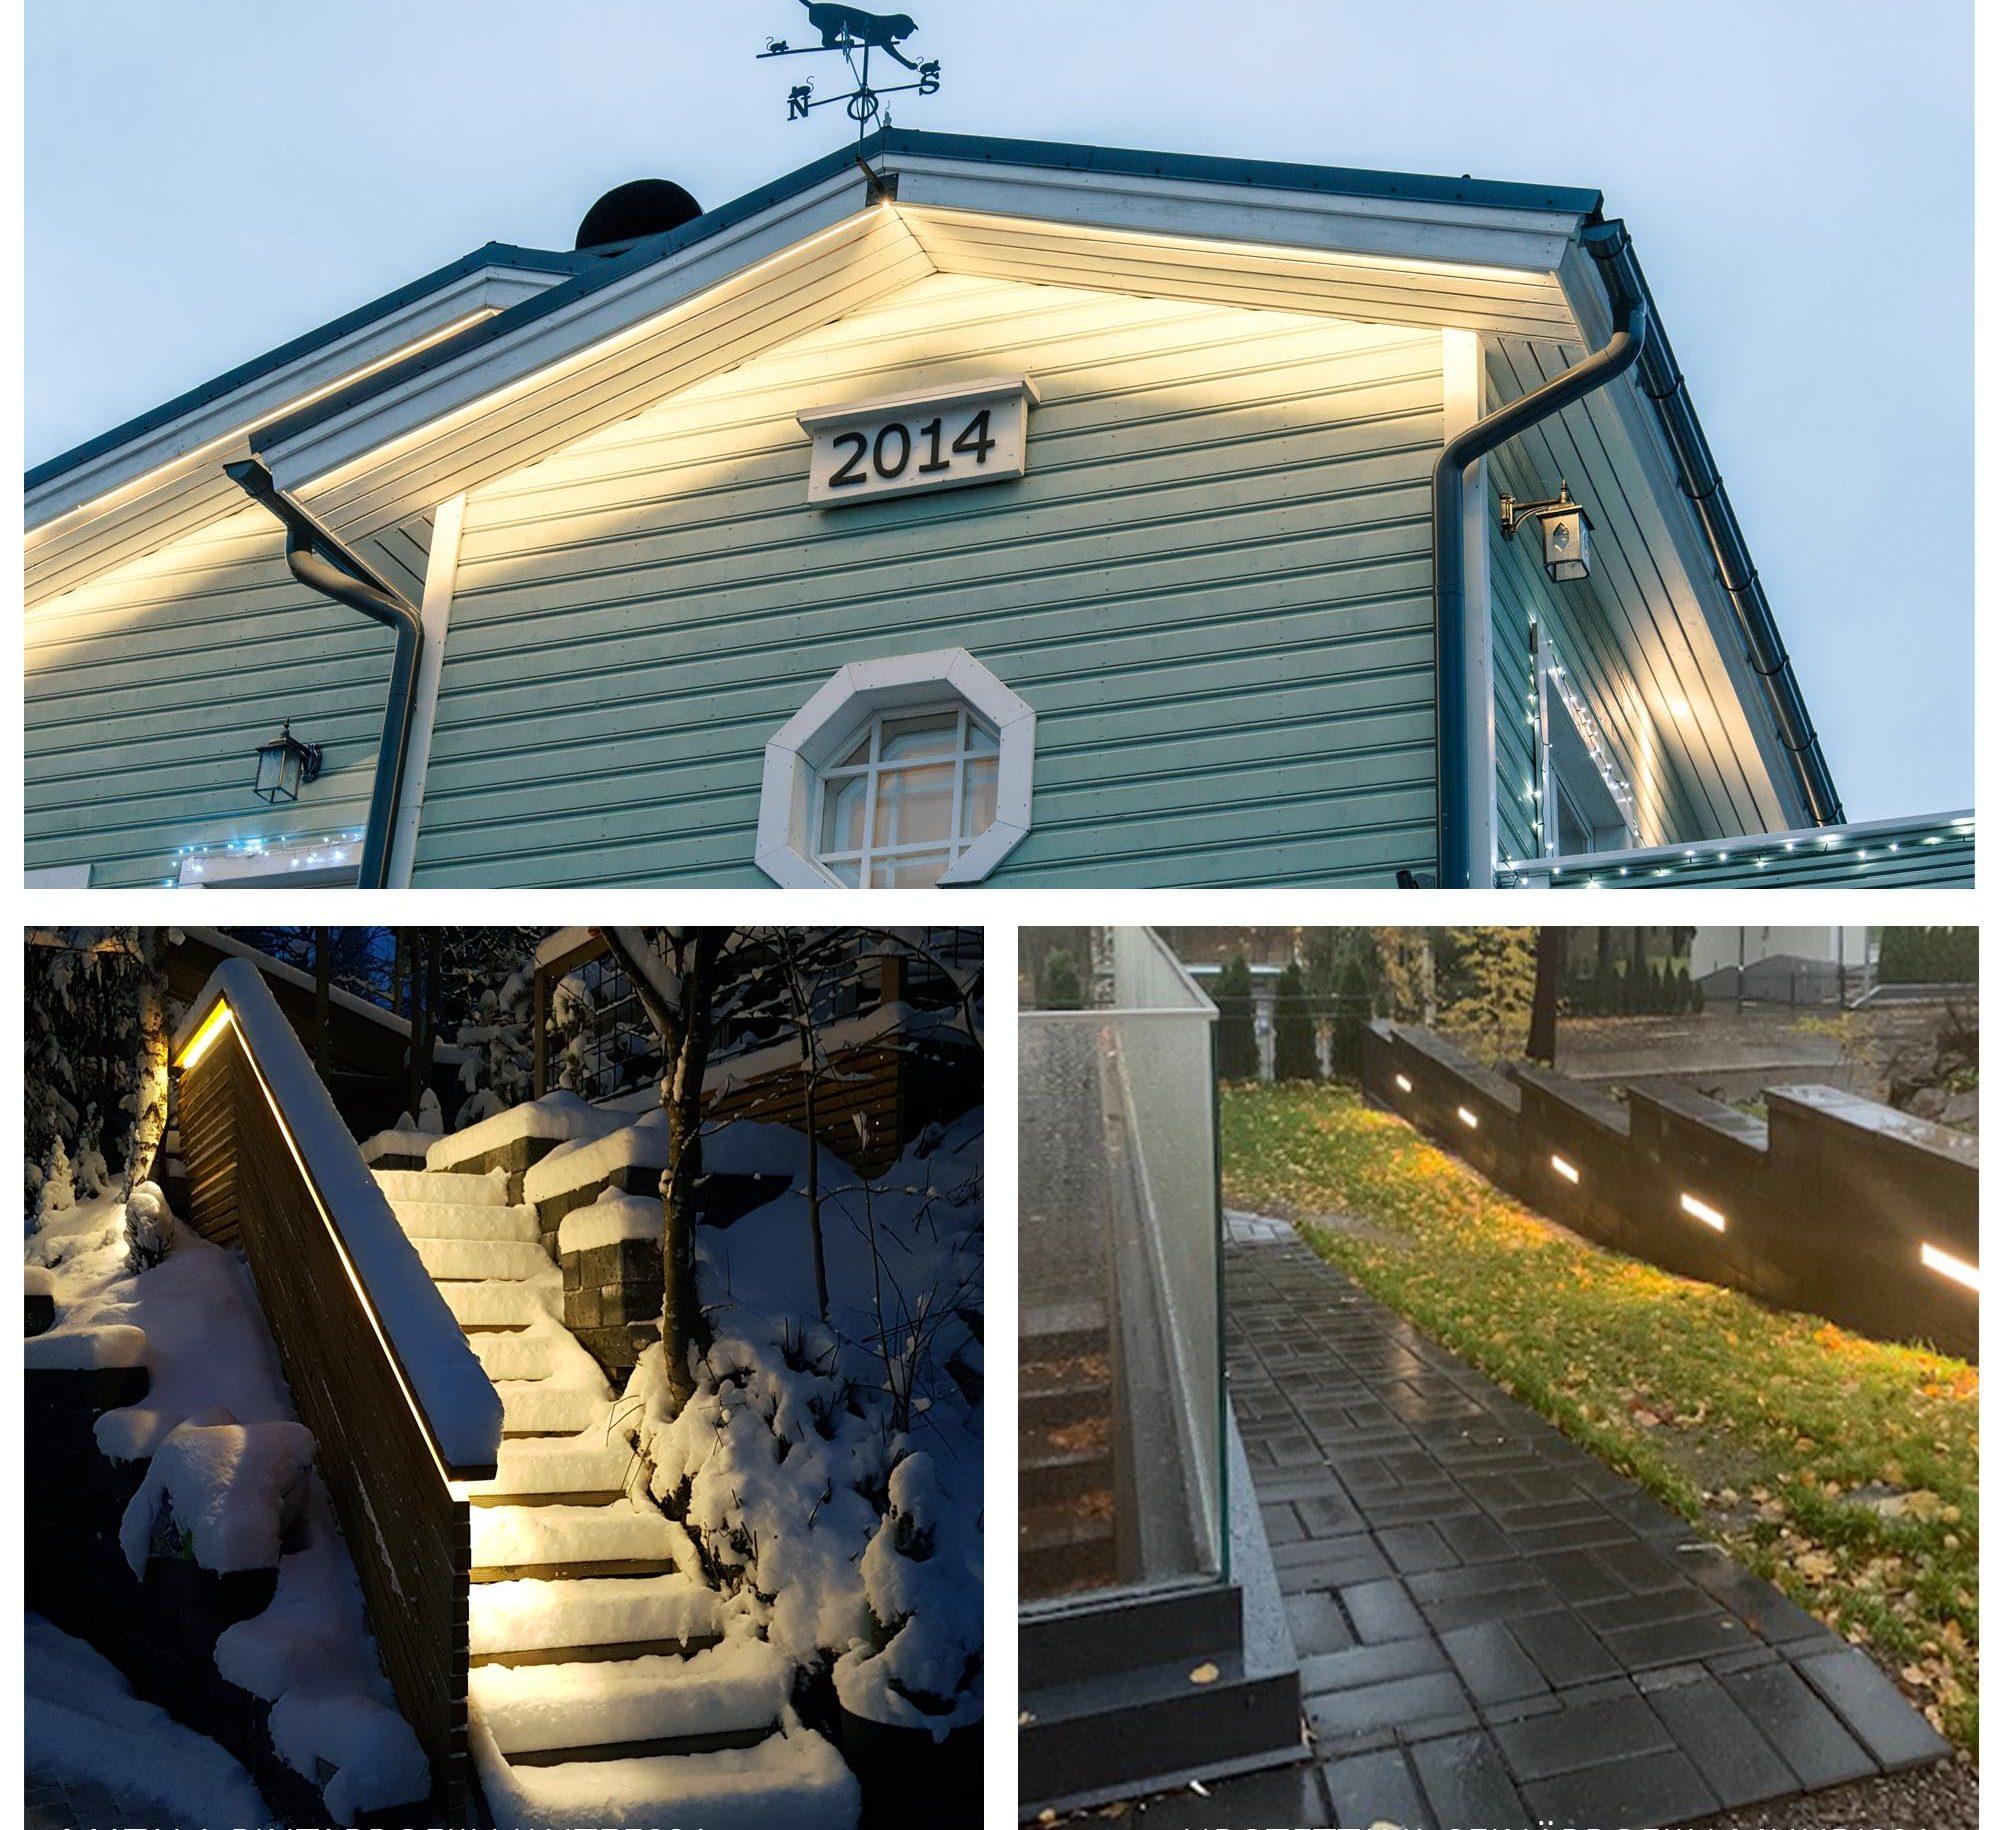 Alumiinilista ja led-nauha katon harjassa, ulkoportaiden käsijohteessa ja muurivalaistuksessa